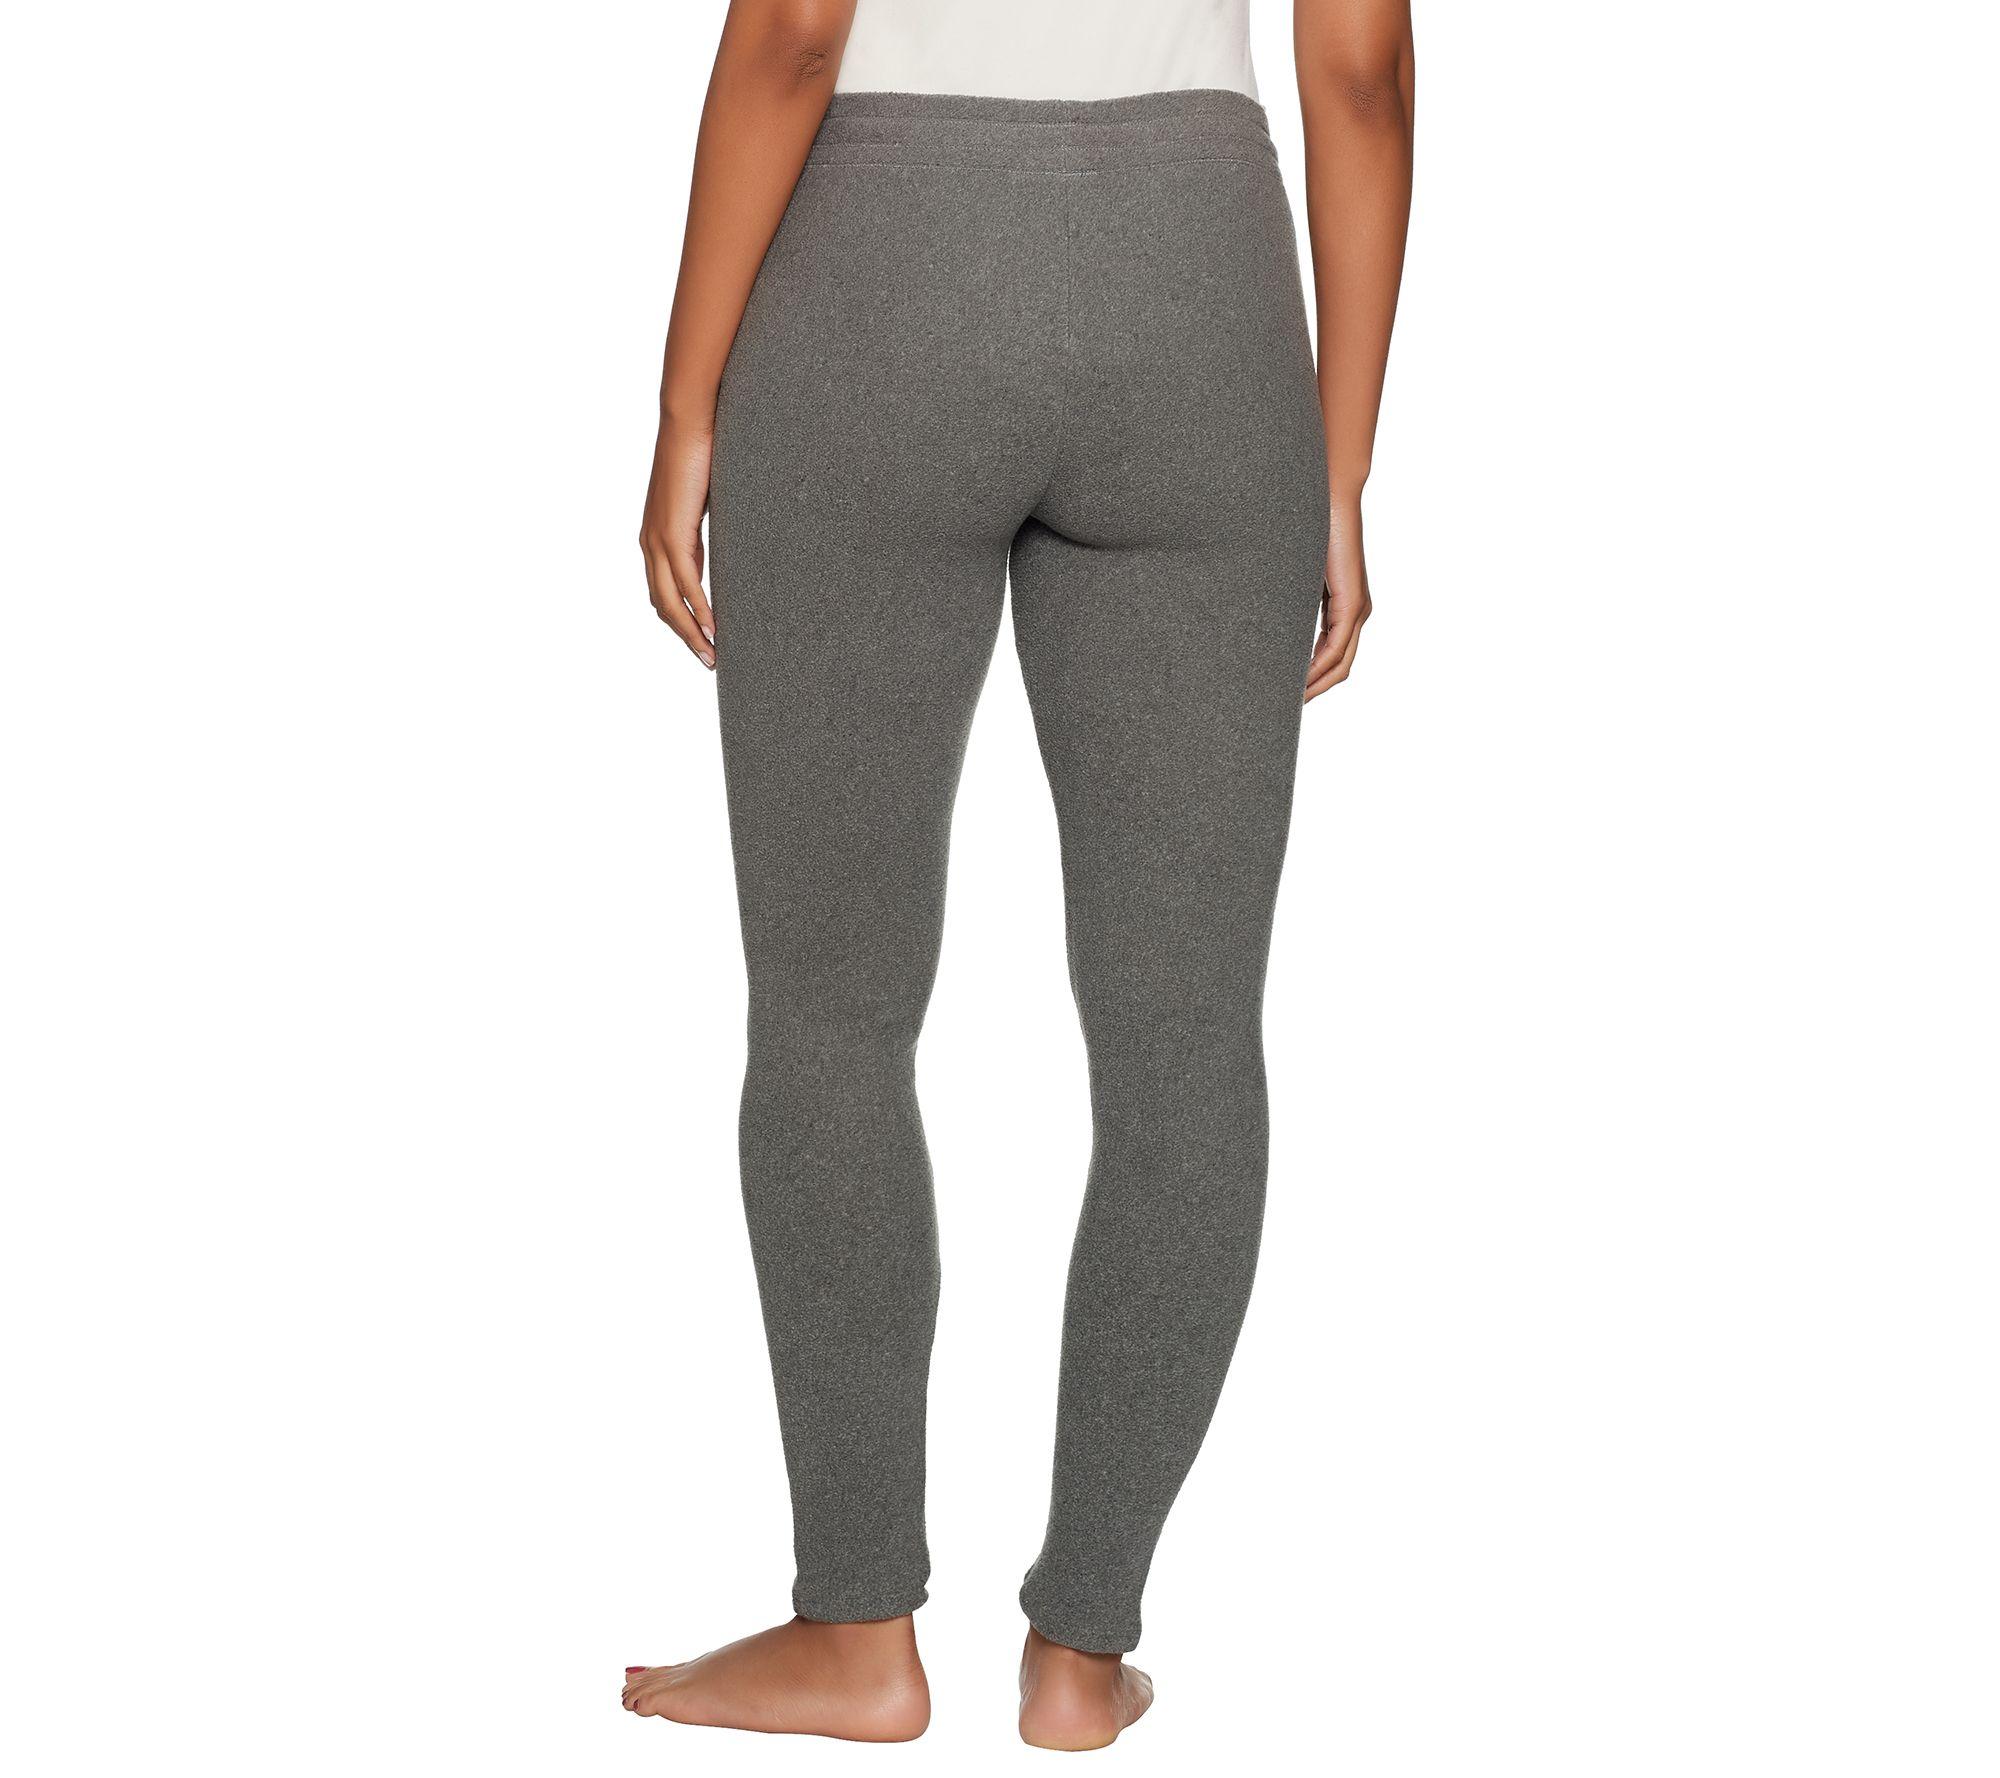 8c43f32b7dc32f Cuddl Duds Fleecewear Stretch Leggings - Page 1 — QVC.com